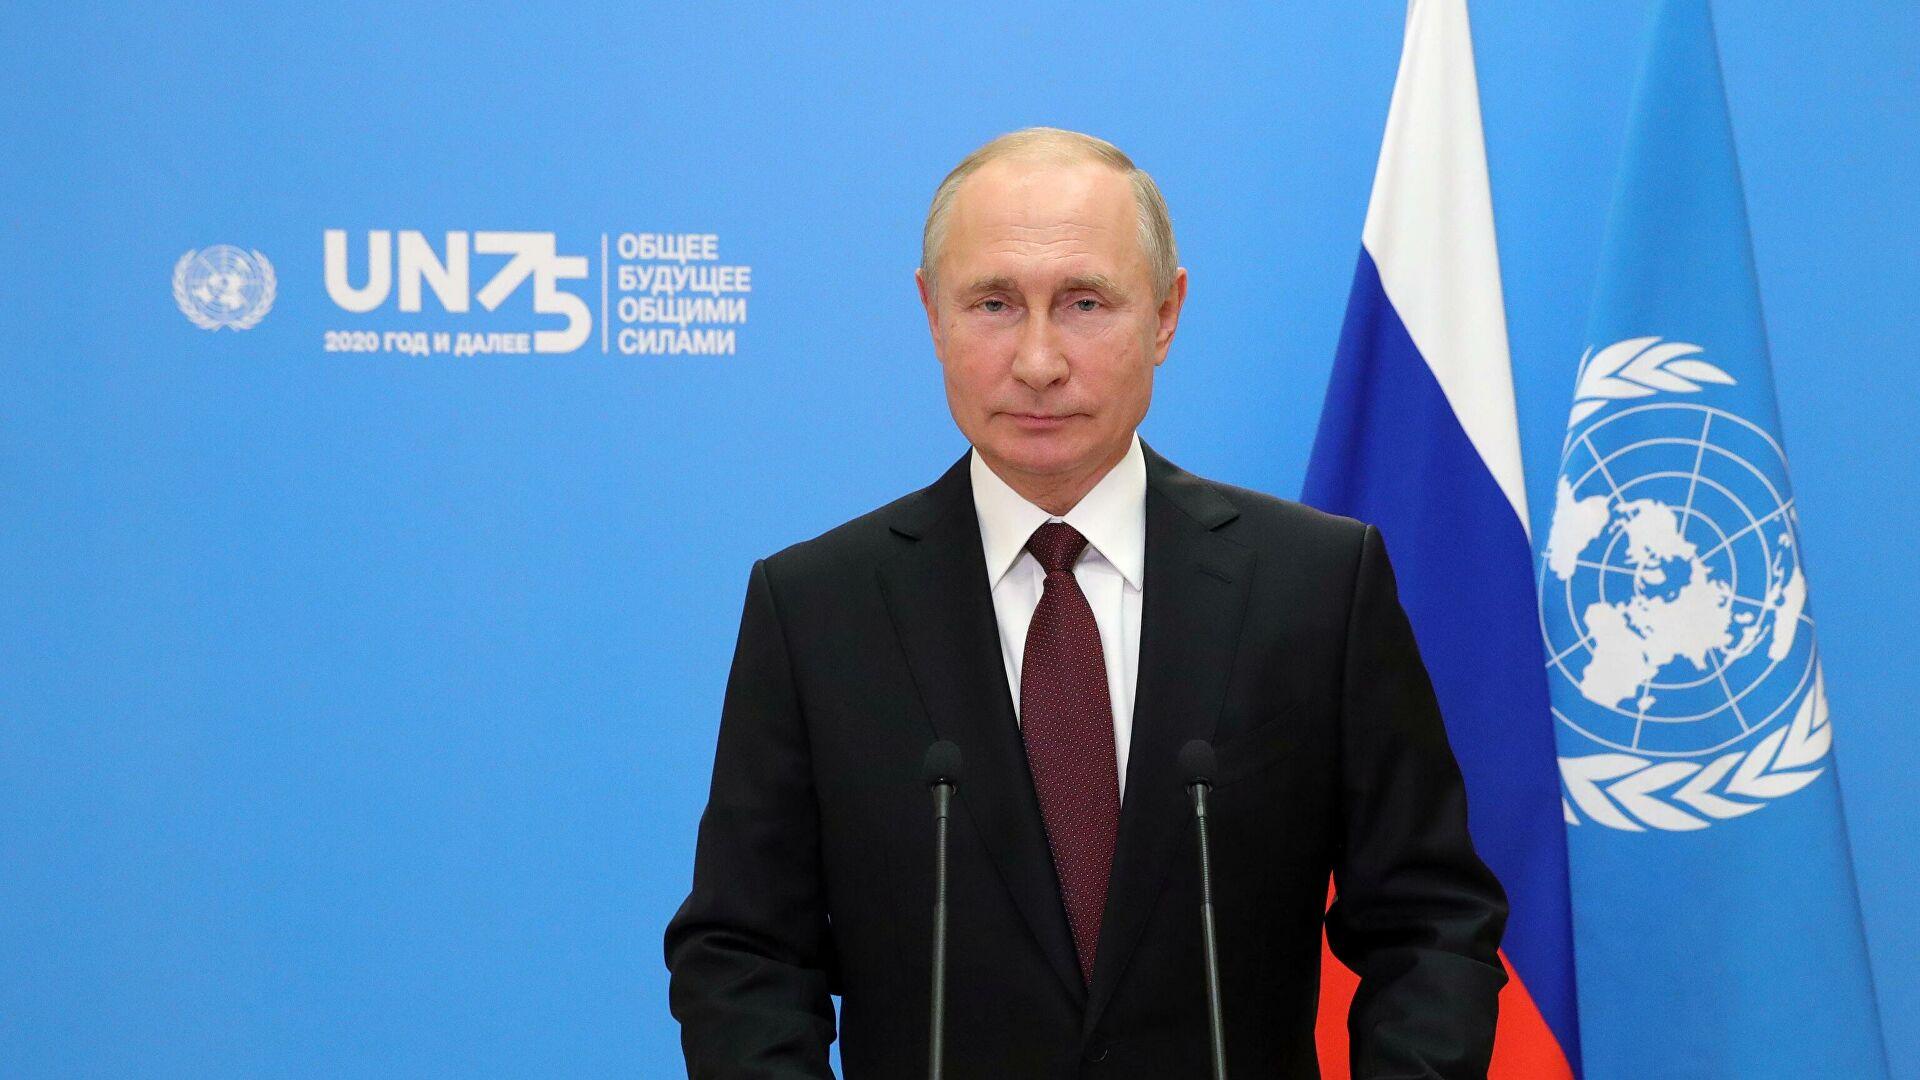 Укинути санкције, спасити економију и сачувати мир: Говор председника Путина на Генералној скупштини УН-а